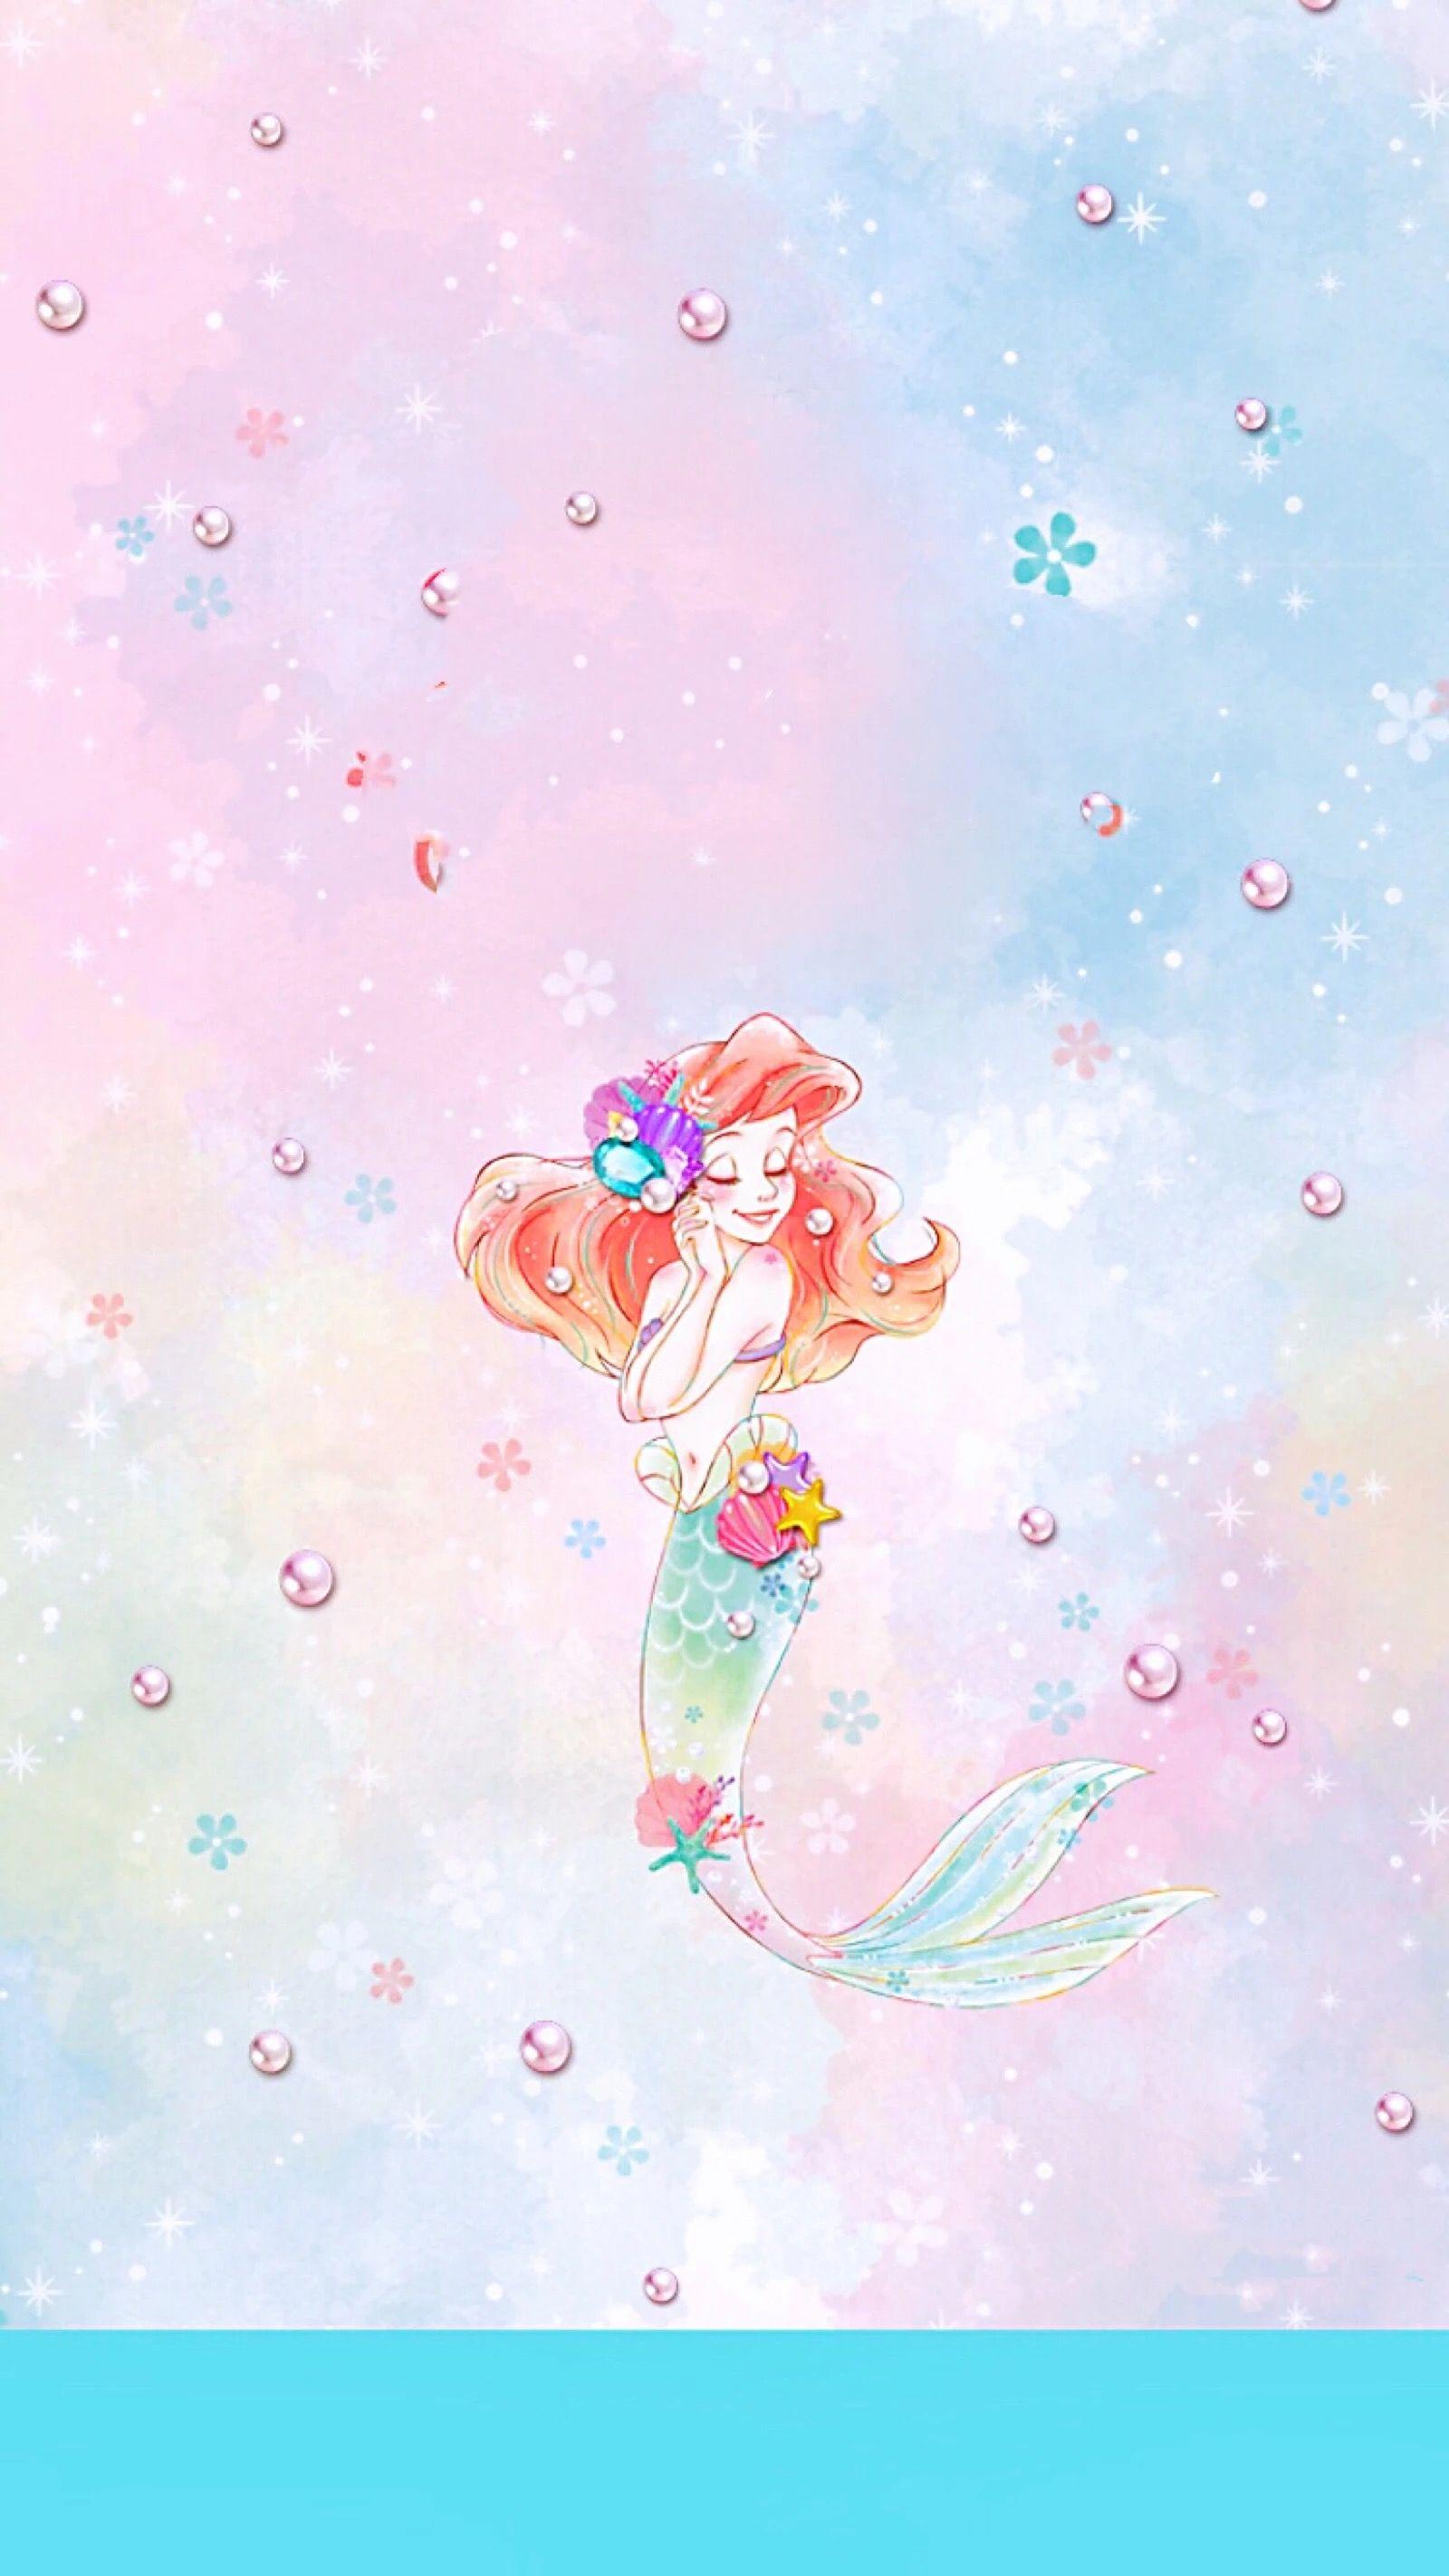 Pin By Christine Kong On Wallpaper Disney Princess Wallpaper